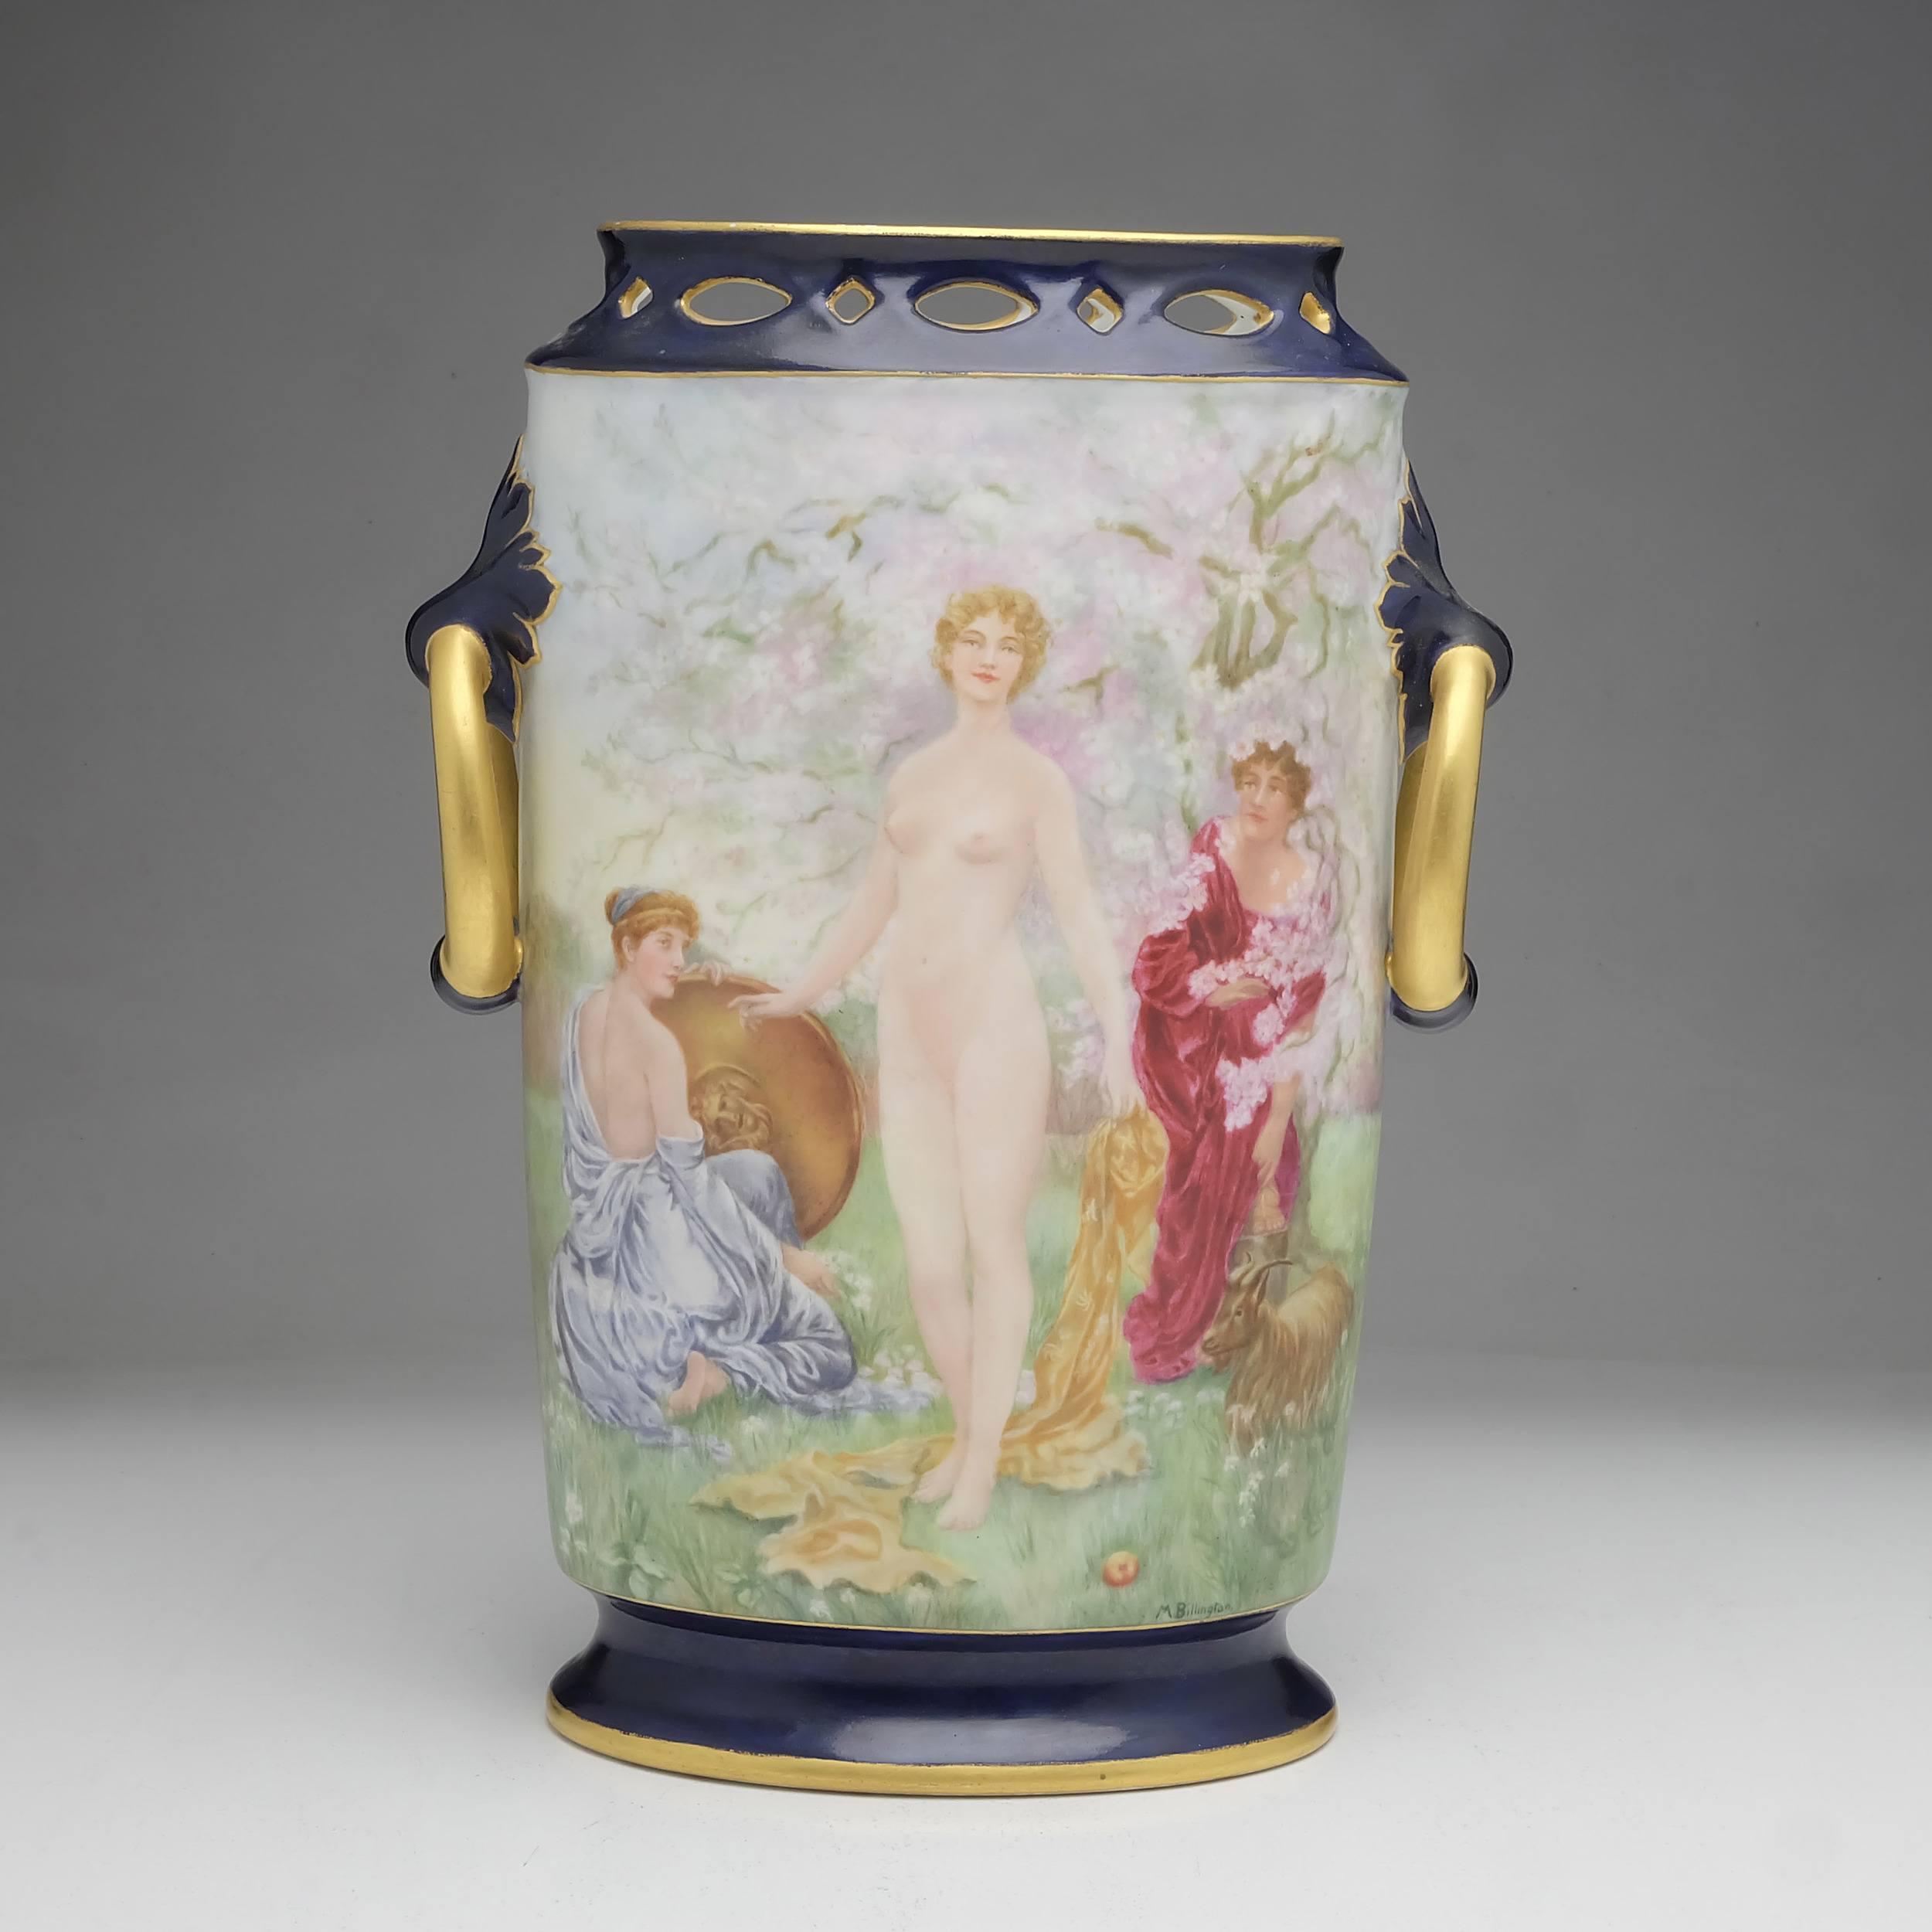 'M Billington Hand Painted French B&C Limoges Mantle Vase, The Judgement of Paris After S.J. Solomon'